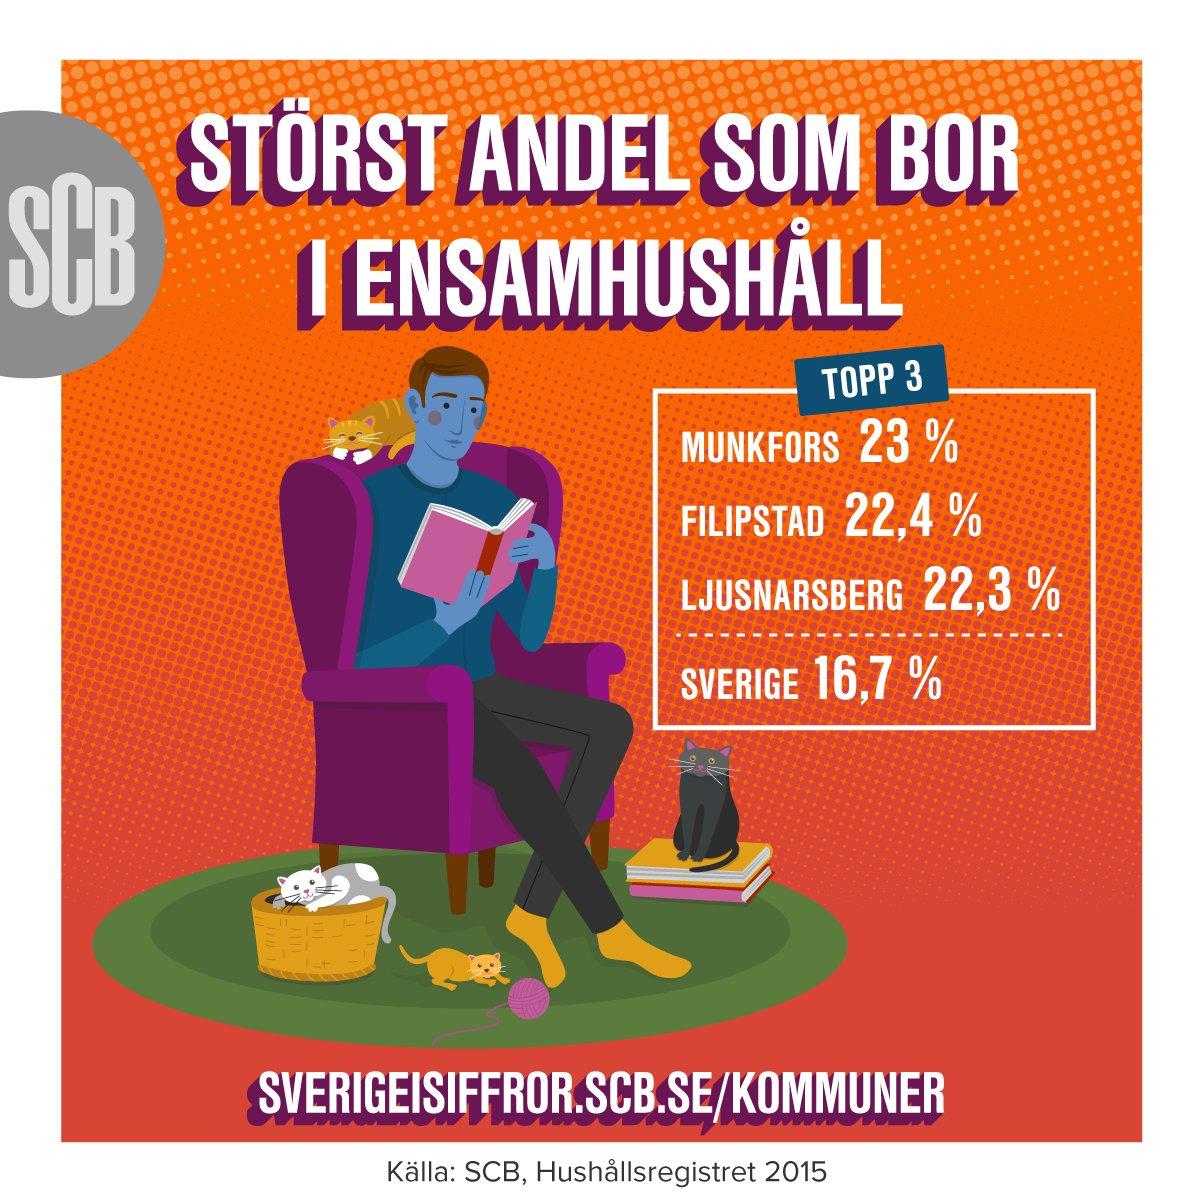 scb.se